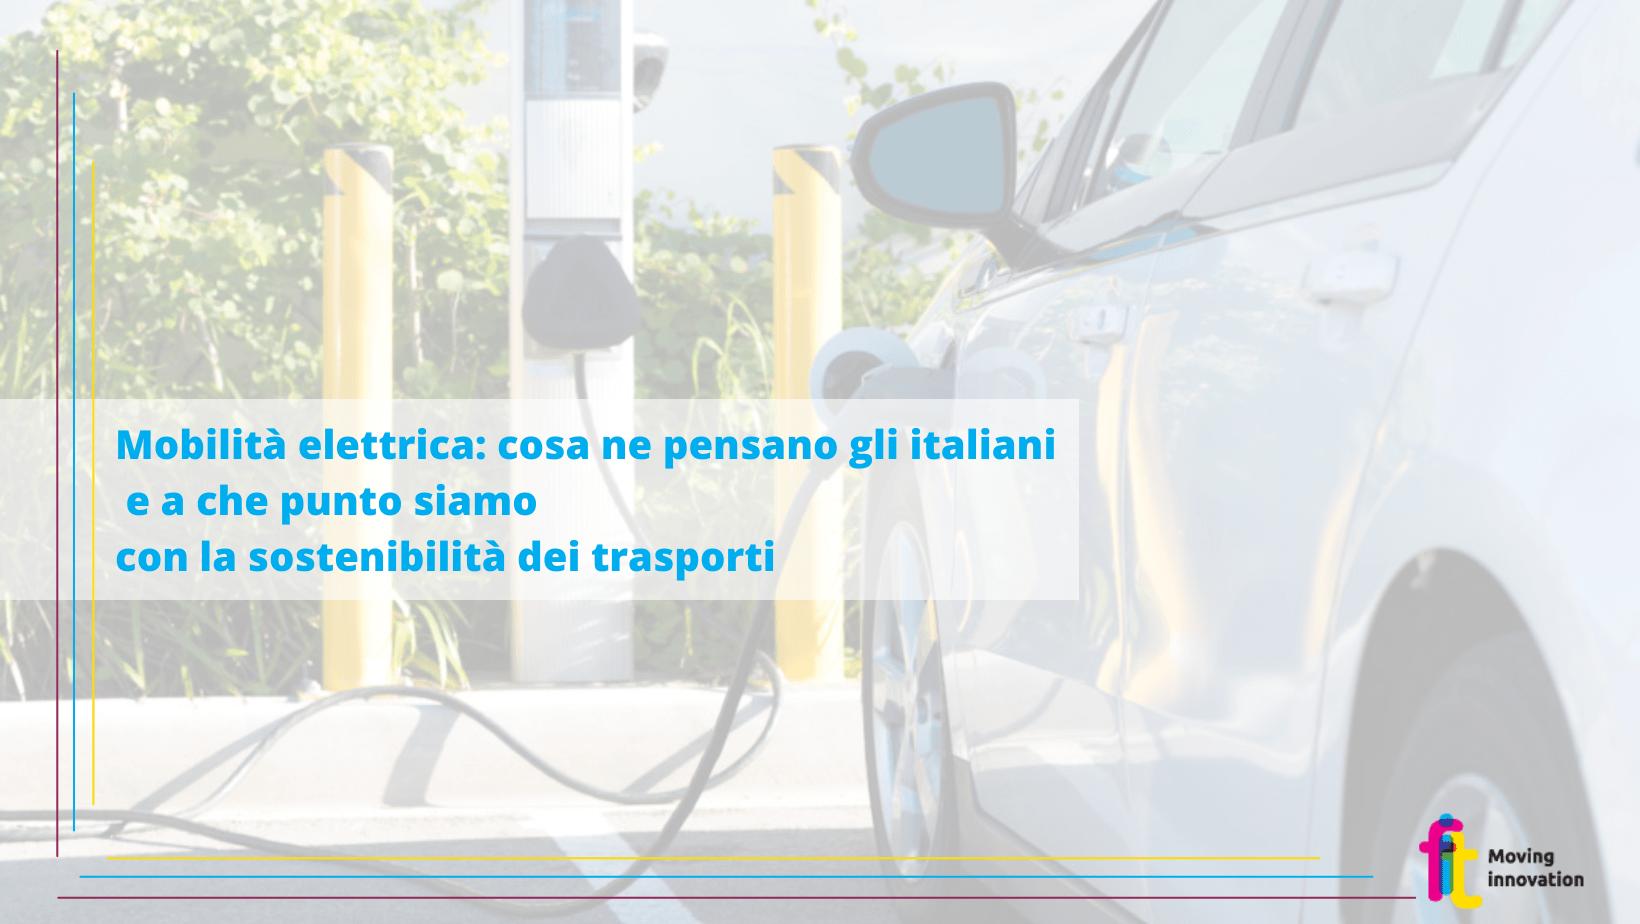 Che cosa ne pensano gli italiani della mobilità elettrica?